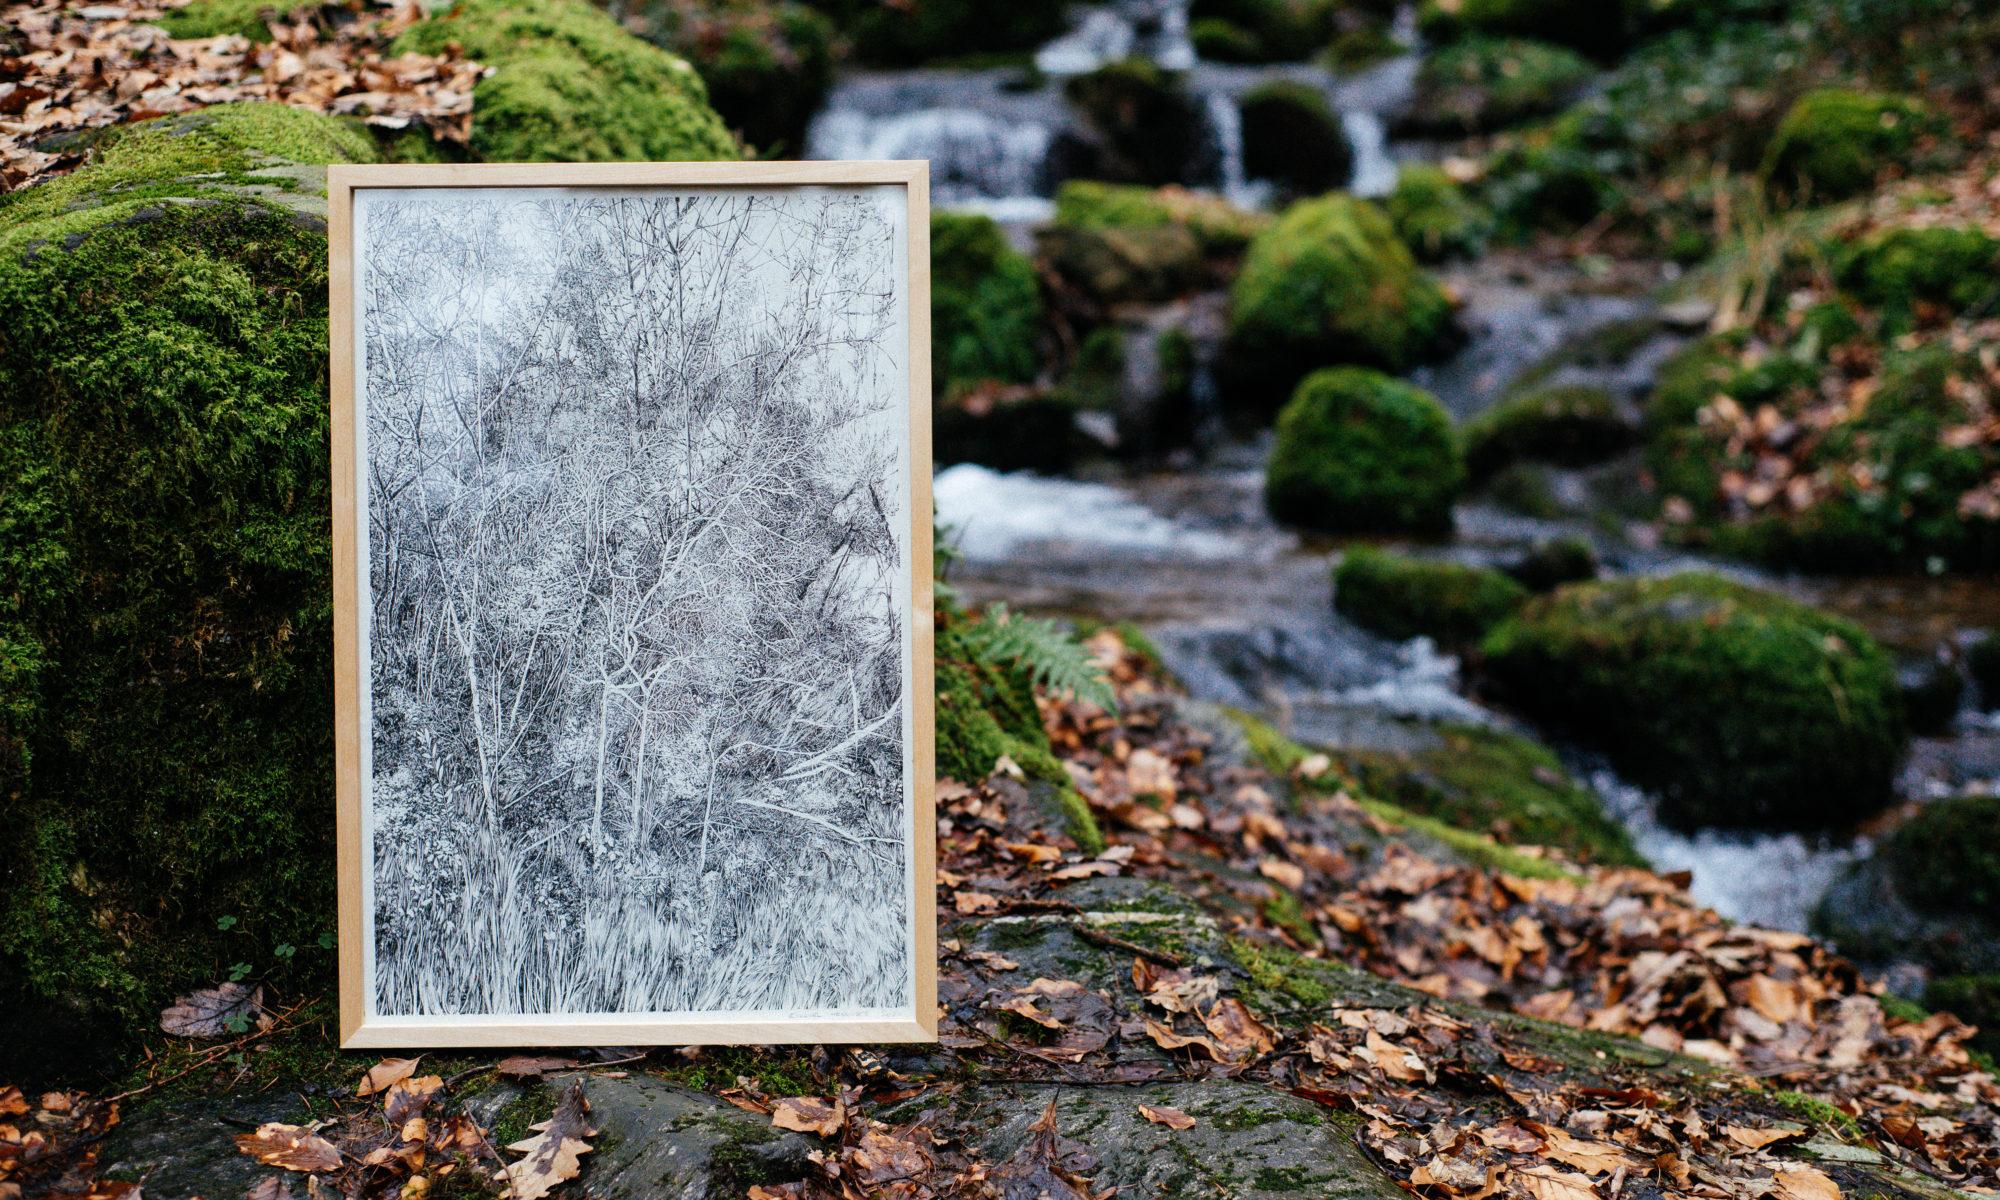 Emmanuel Henninger, Drawing, Landscape, Tree, Germany